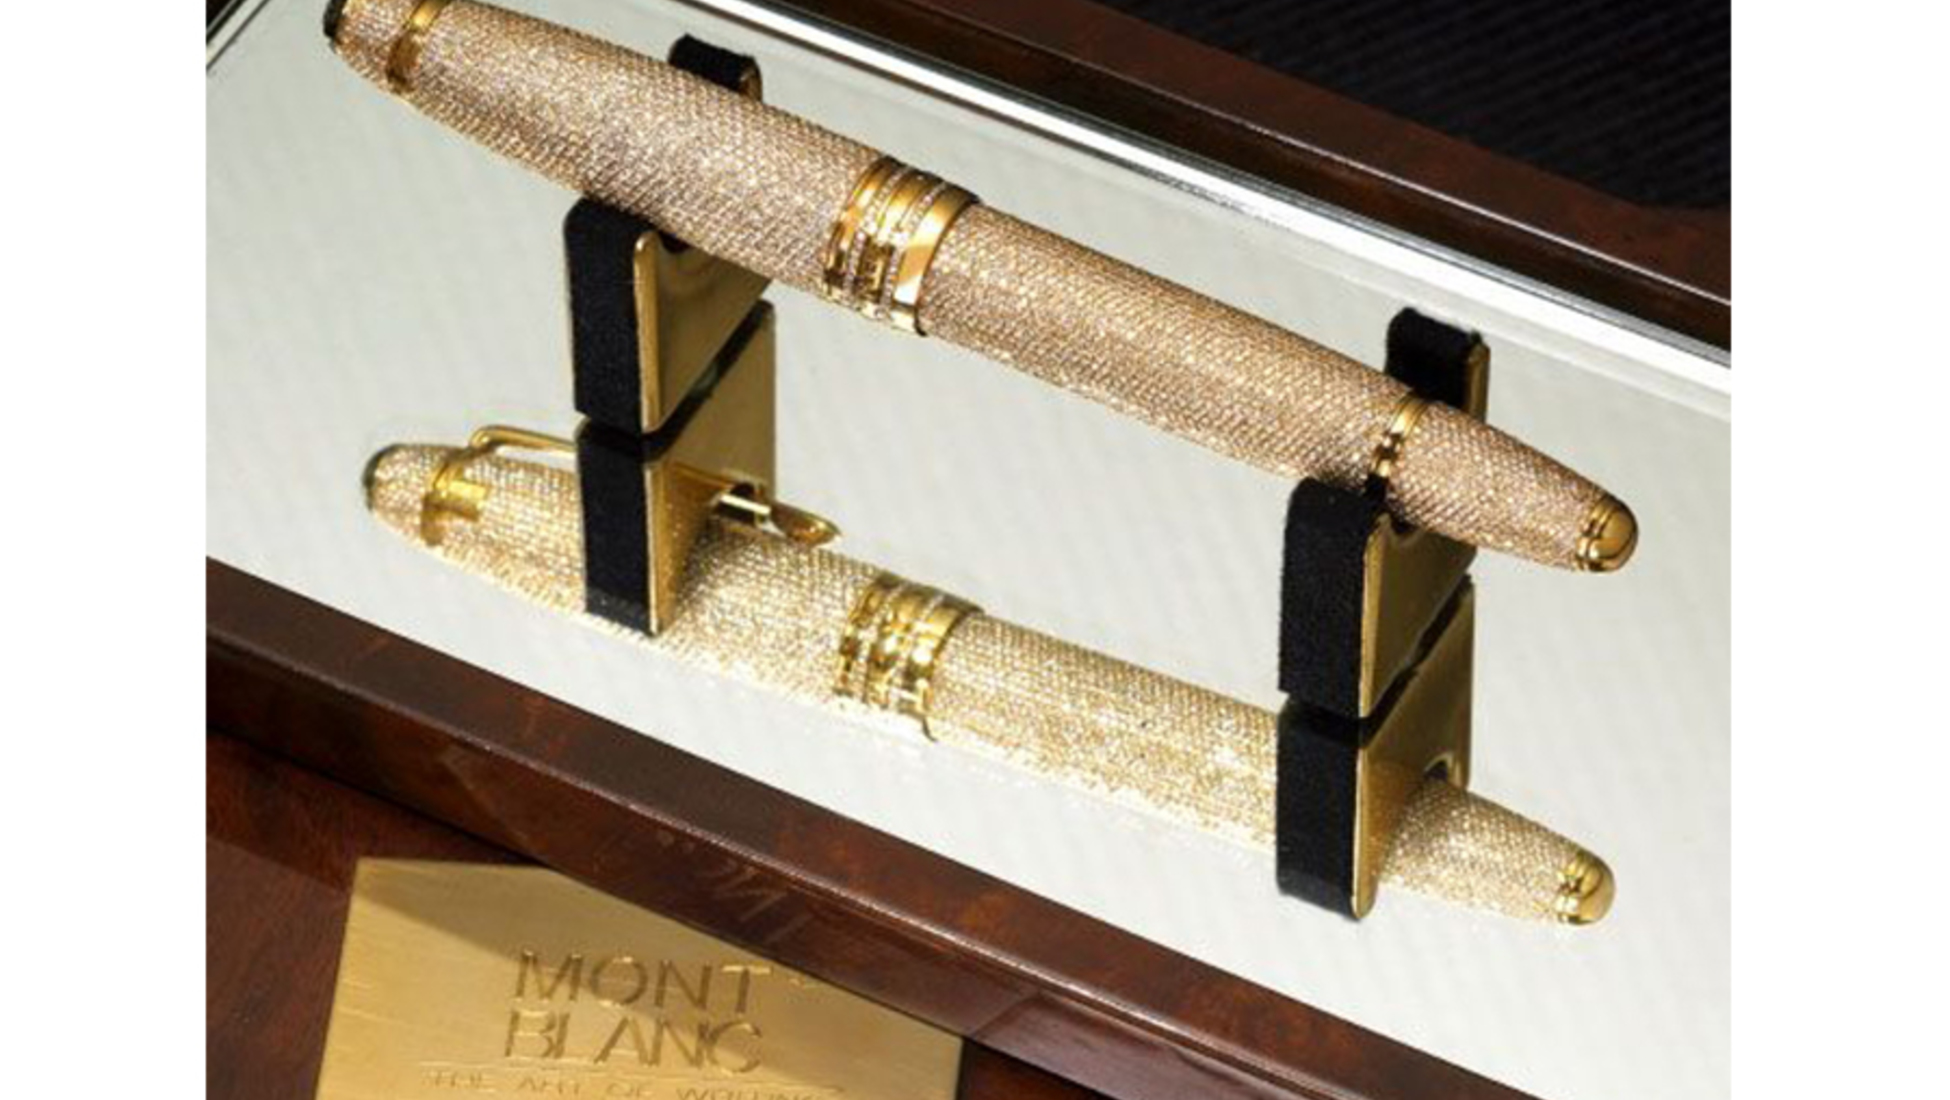 Los 10 bolígrafos y plumas más exclusivos - Catawiki ec6a588b91d9